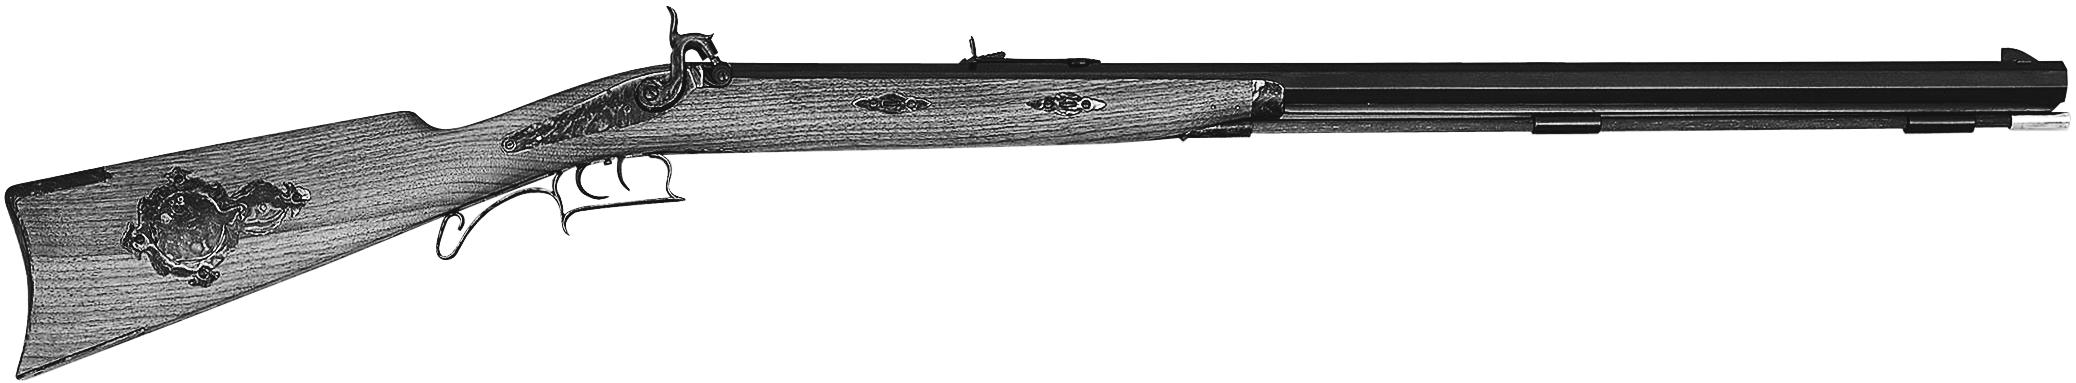 Tryon Rifle